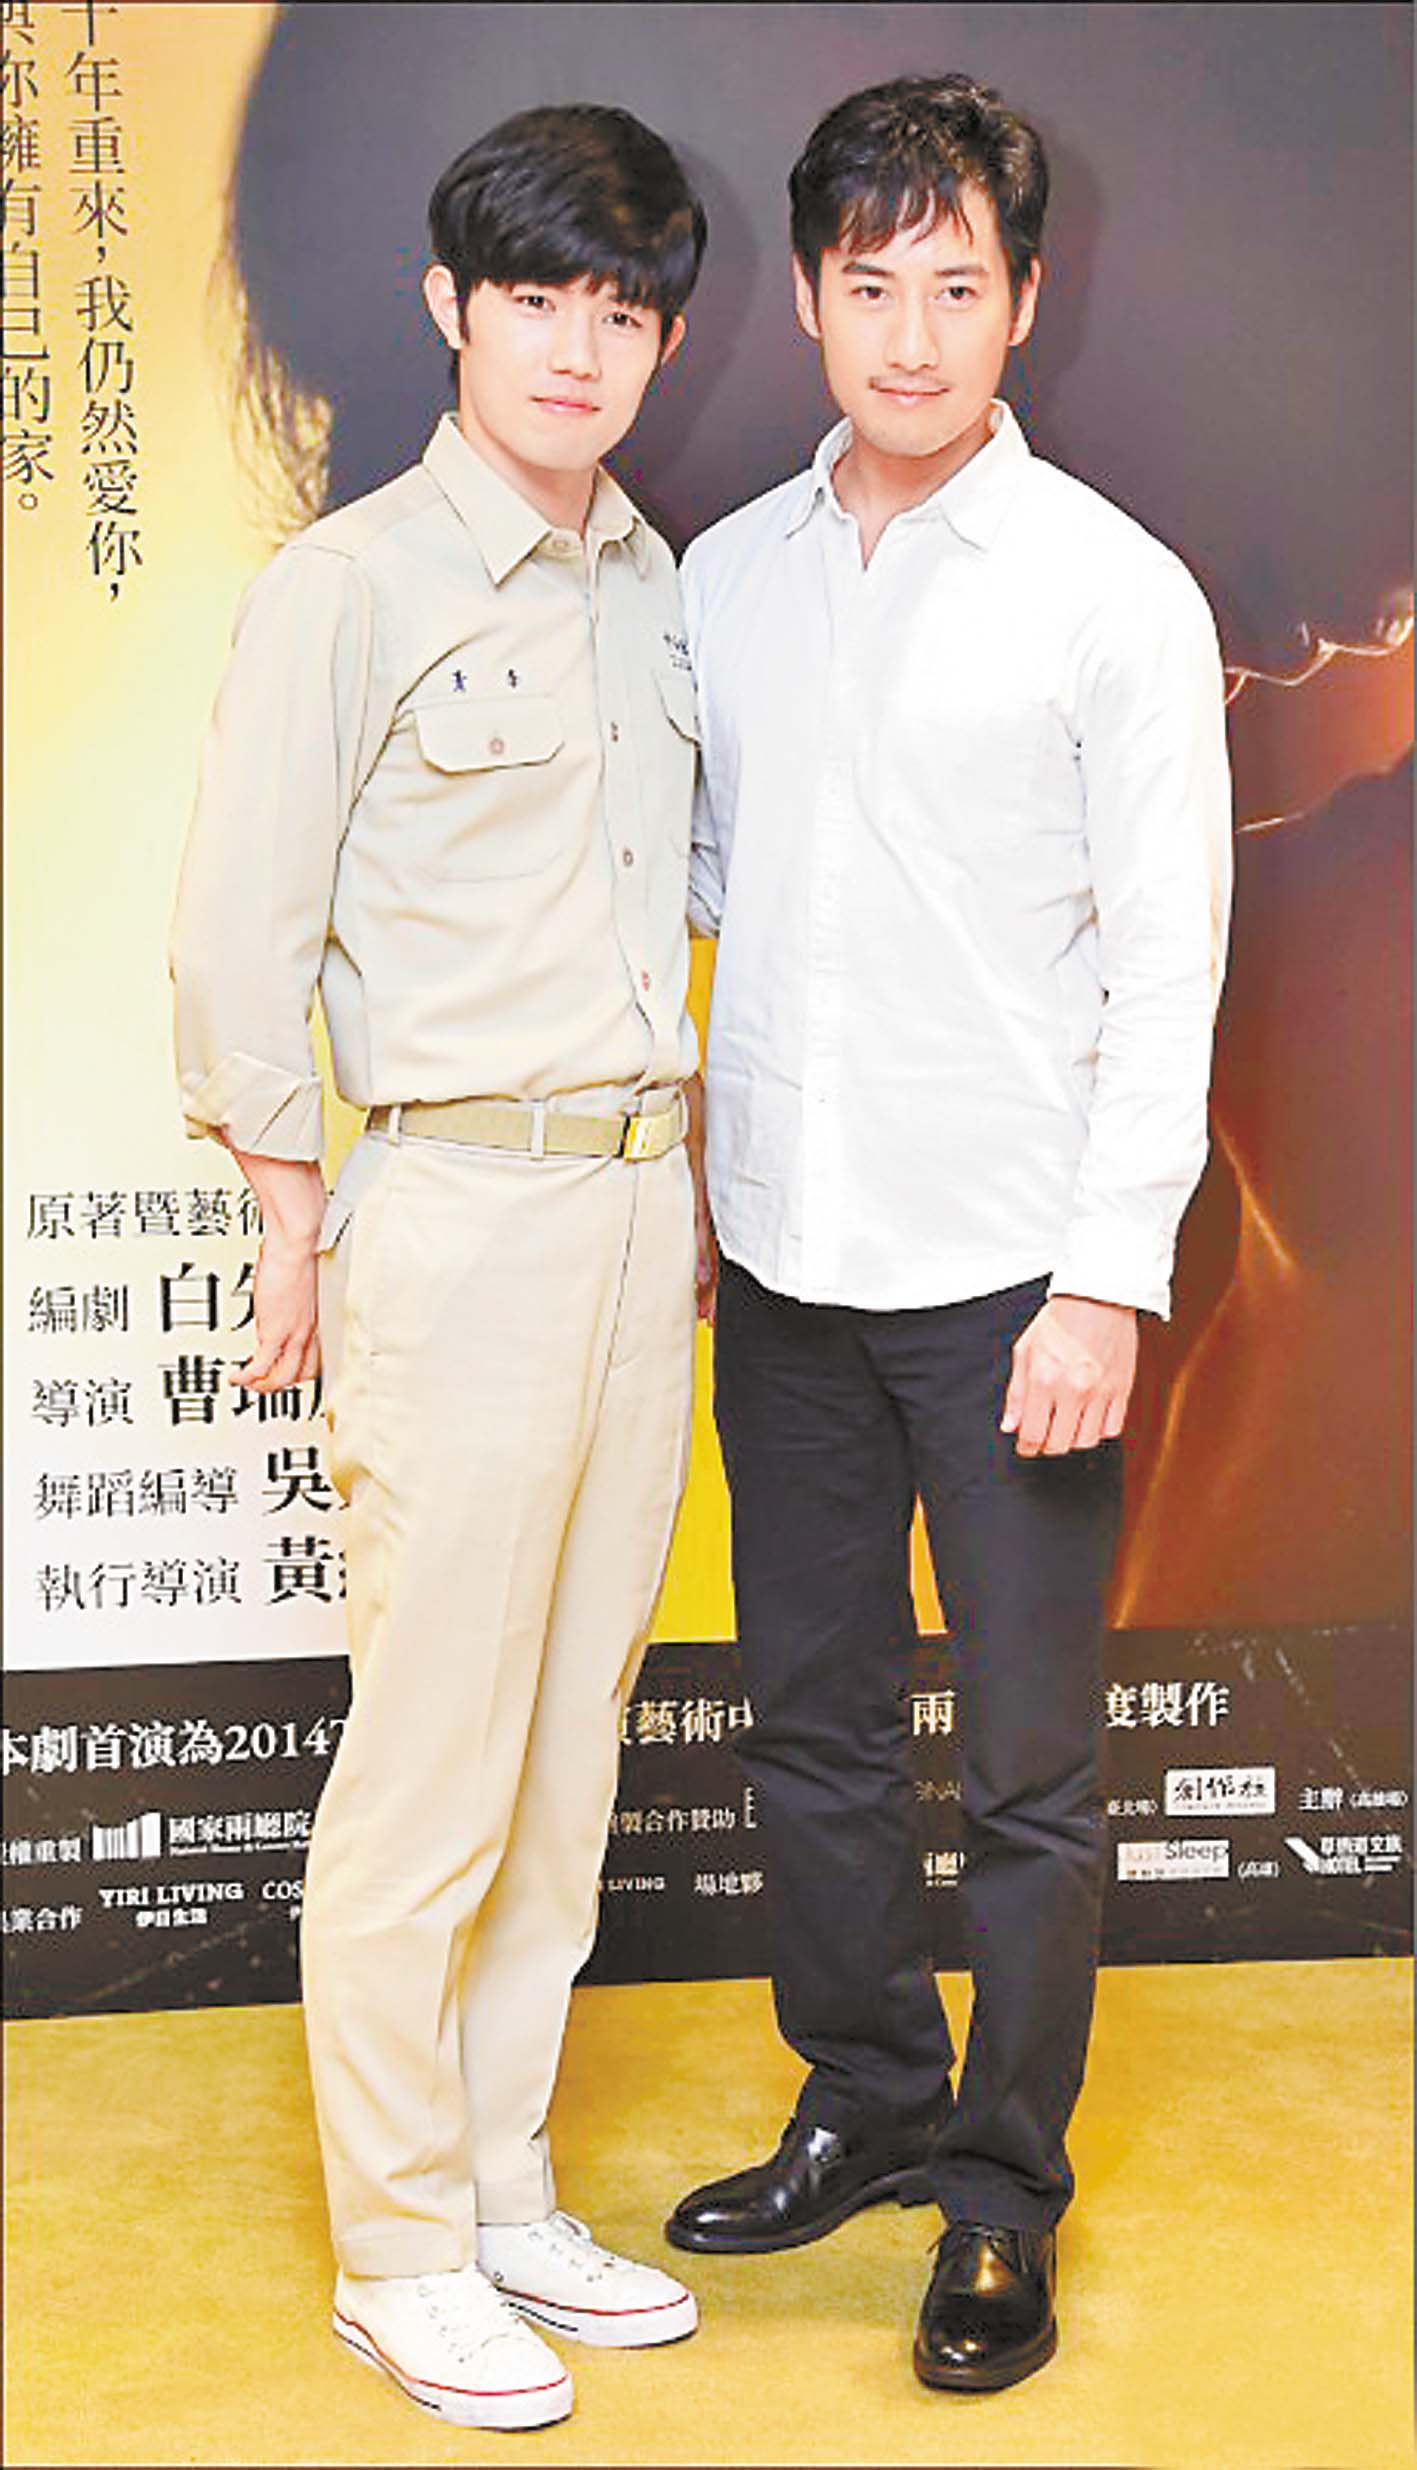 周孝安(右)和張耀仁(左)在舞台劇《孽子》中 演出同志角色。 網上圖片